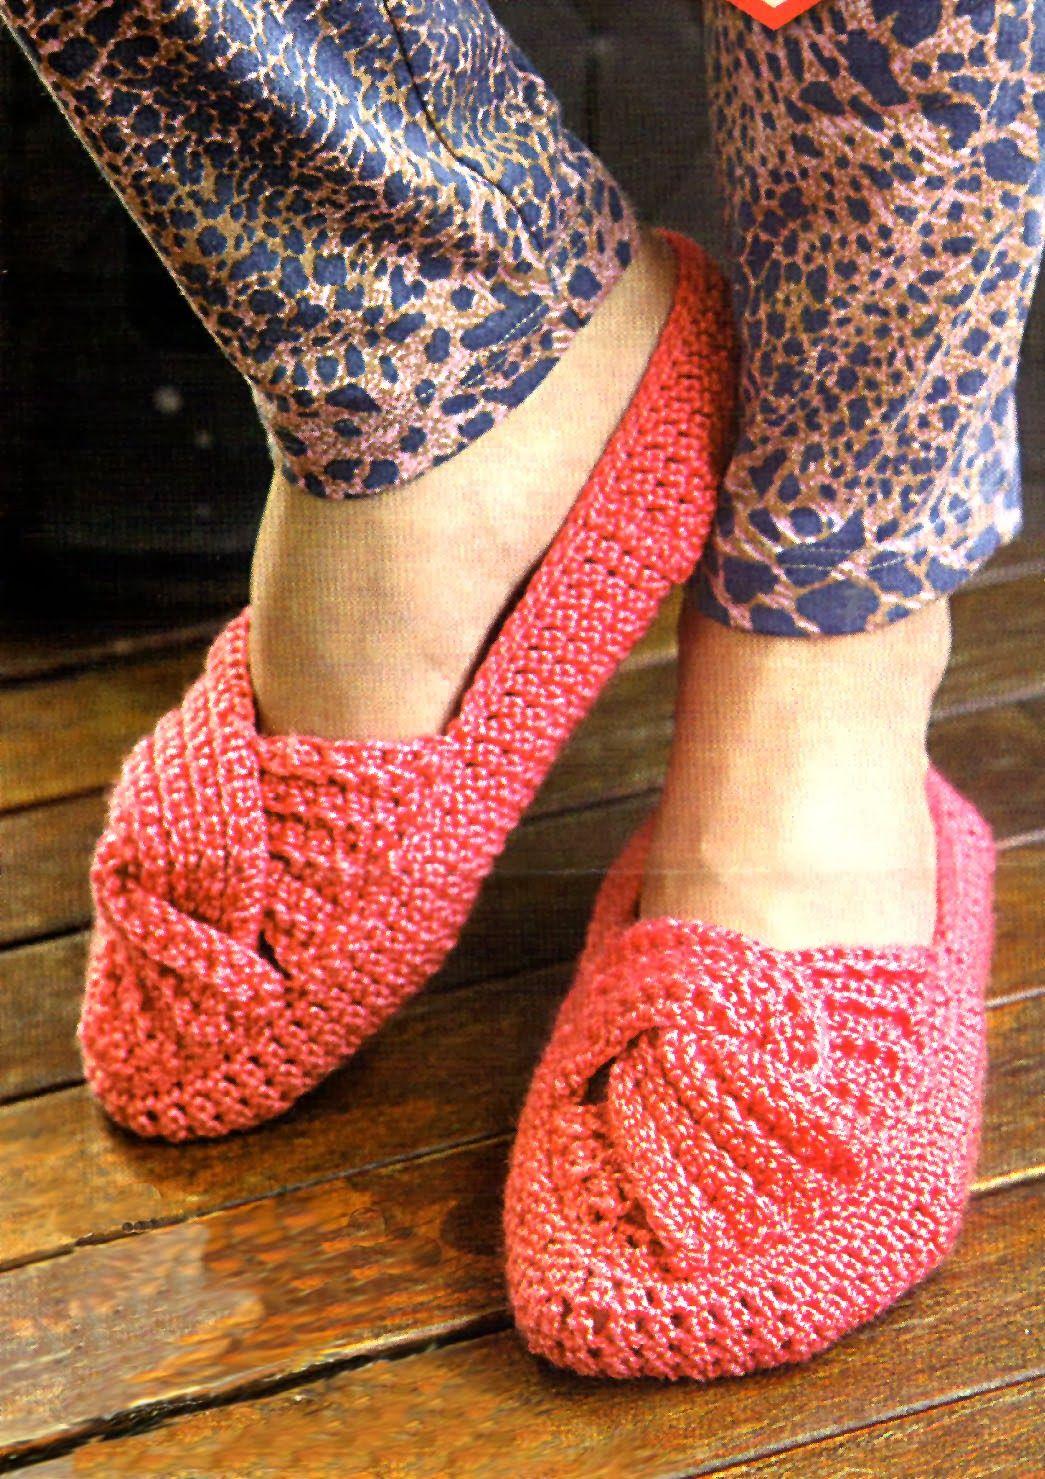 tejidos artesanales en crochet: zapato tejido en crochet con ...